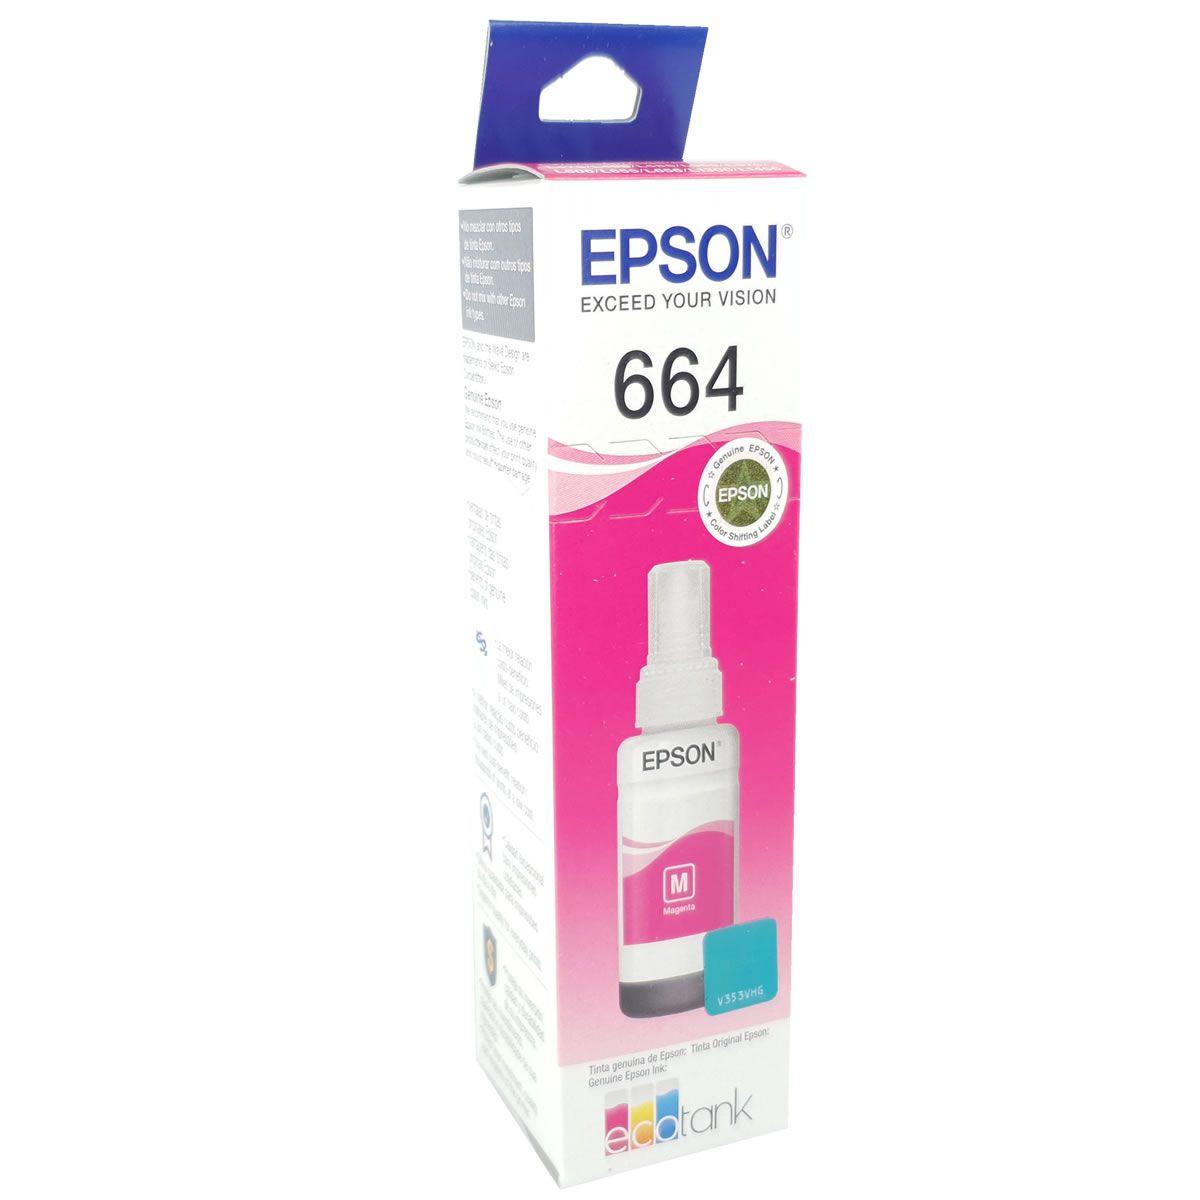 Refil de Tinta EPSON 664 Magenta para ecotank L355 L375 L395 L455